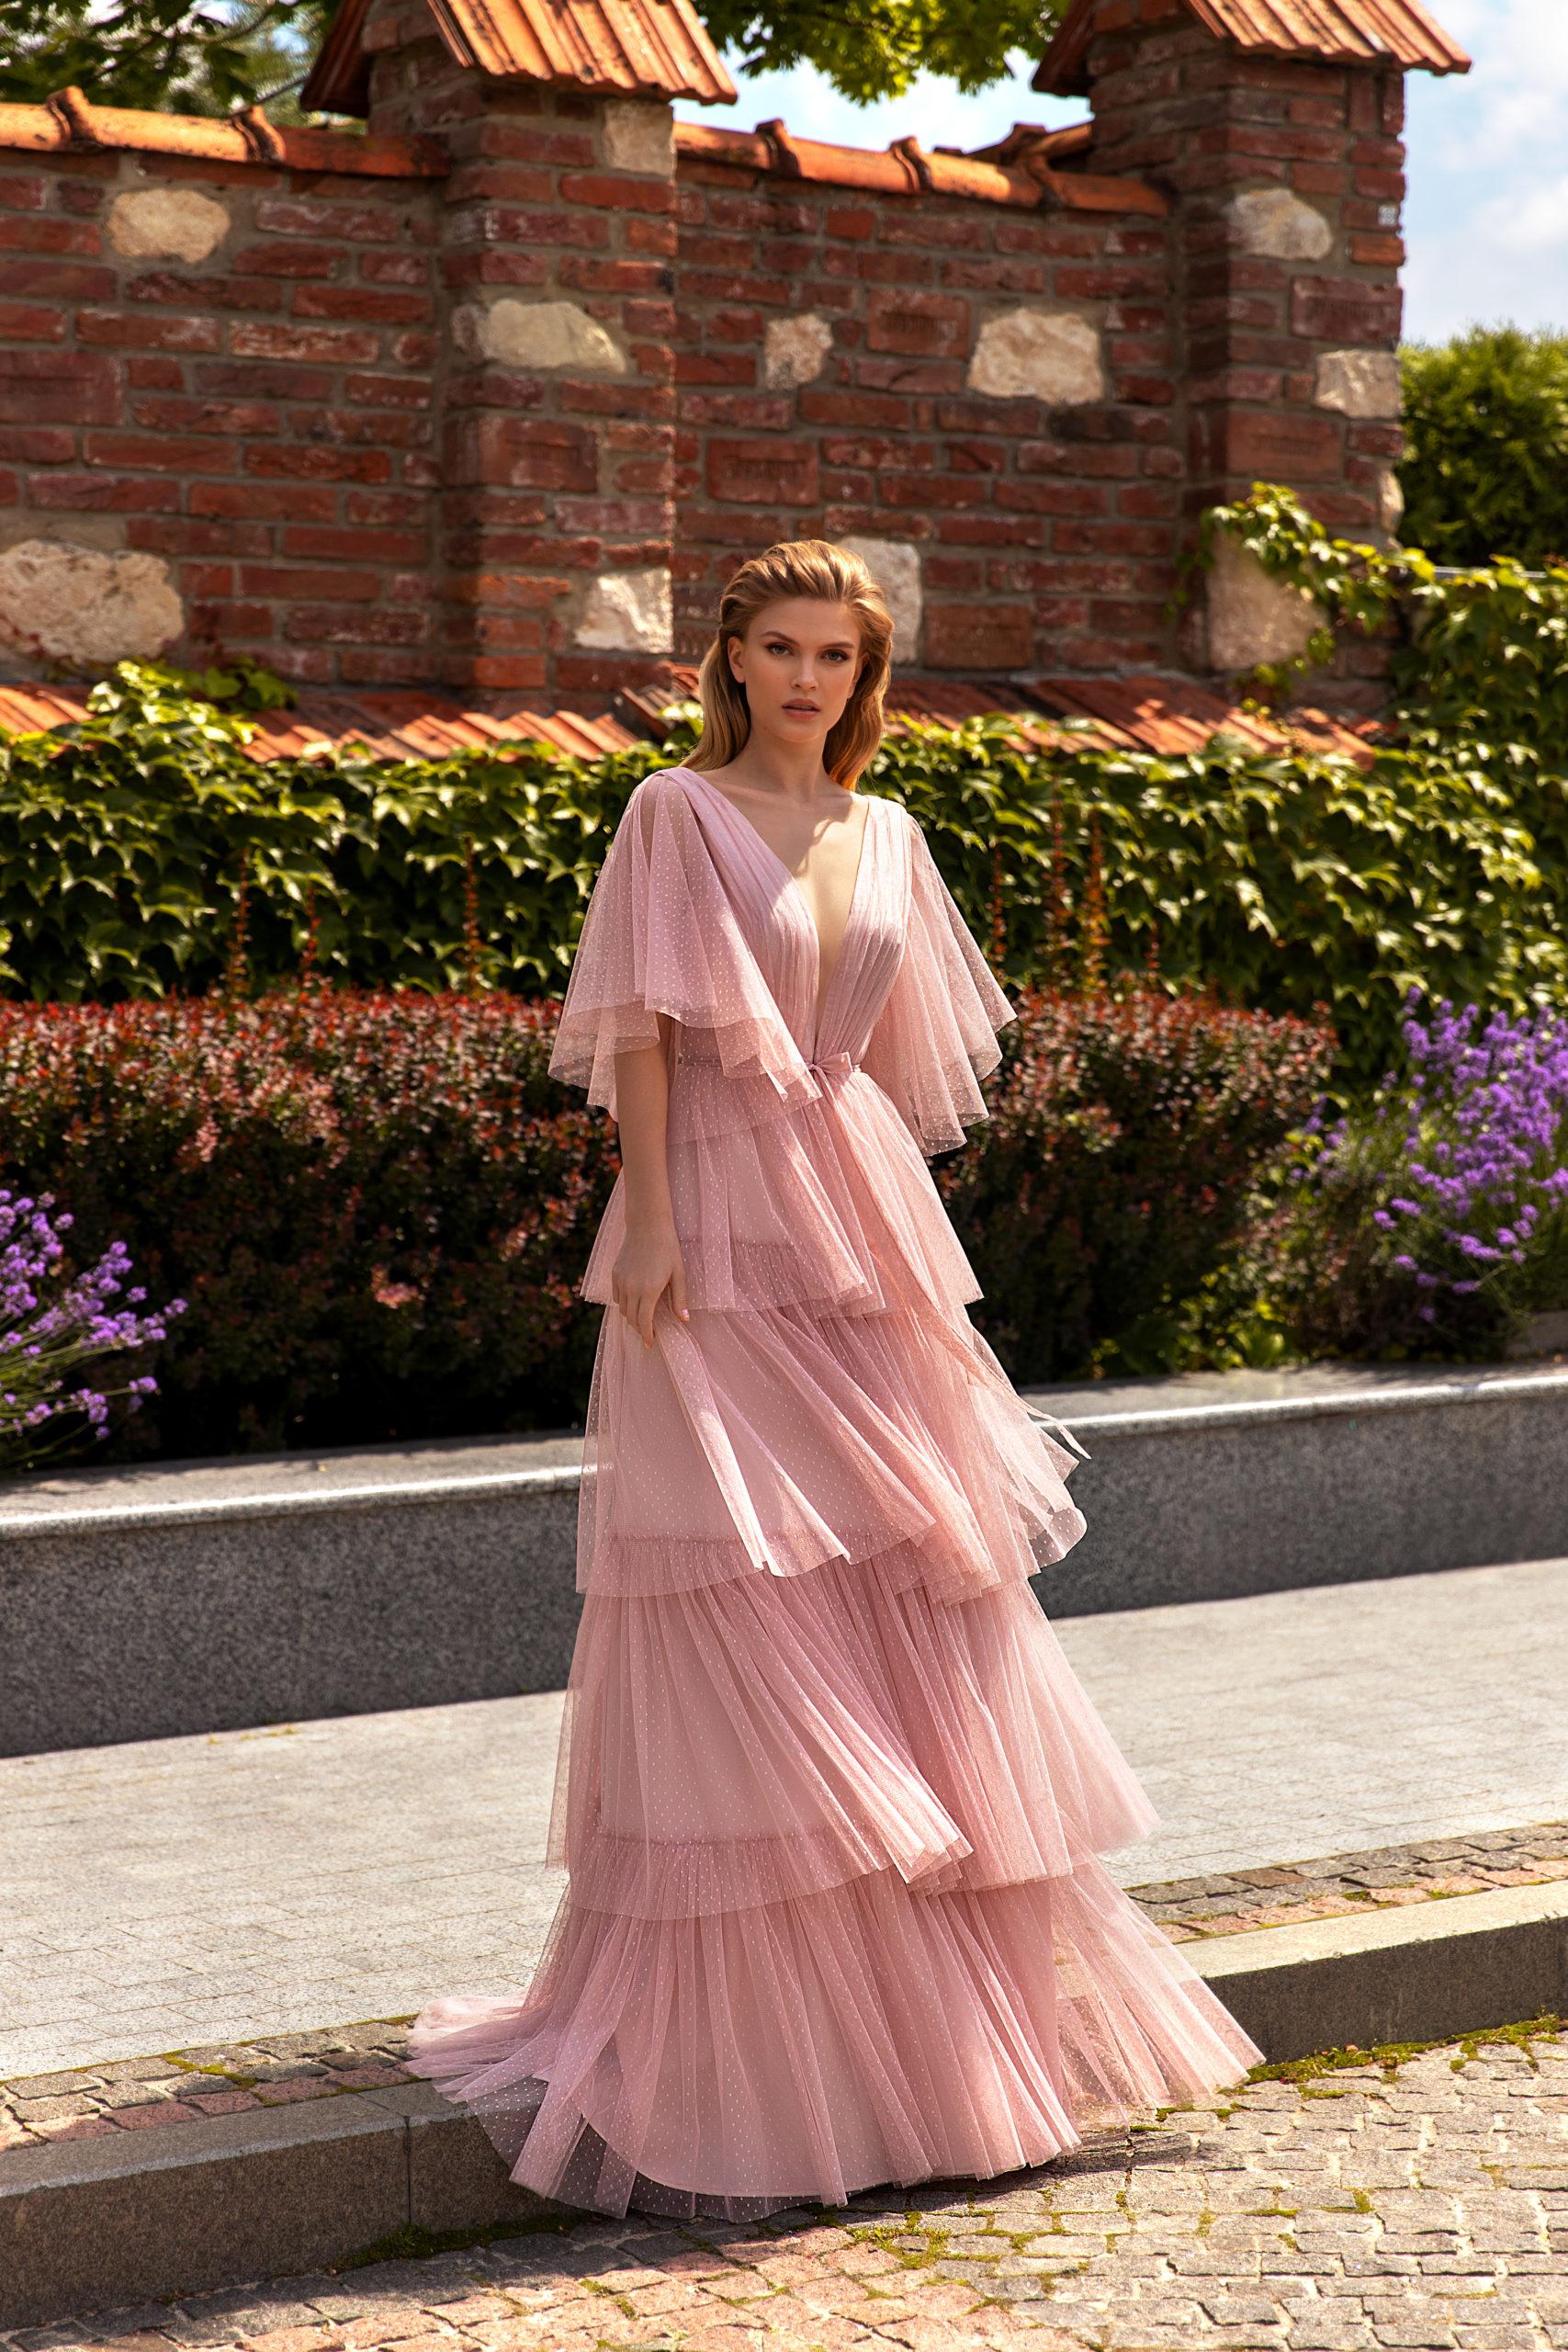 Robes haute couture Genève riccasposa longue rose vieux rose rose pale manches longues grande taille large cocktail invité demoiselle d'honneur